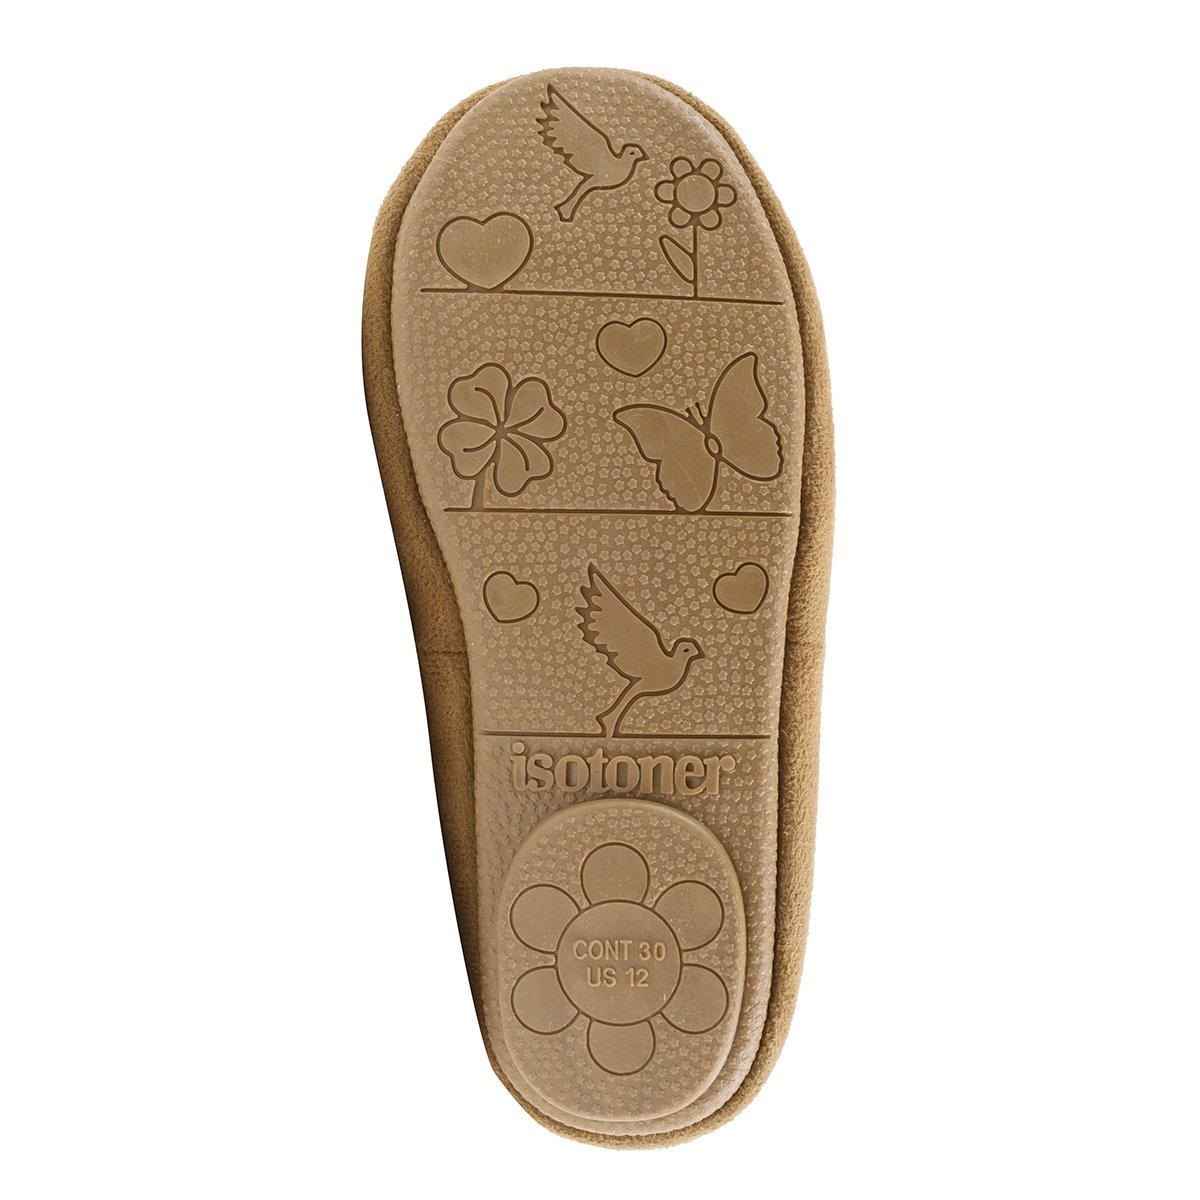 1af6d7b9910ff CHAUSSONS ENFANT   Bottillons - suédine et fausse fourrure Isotoner 34   Amazon.fr  Chaussures et Sacs